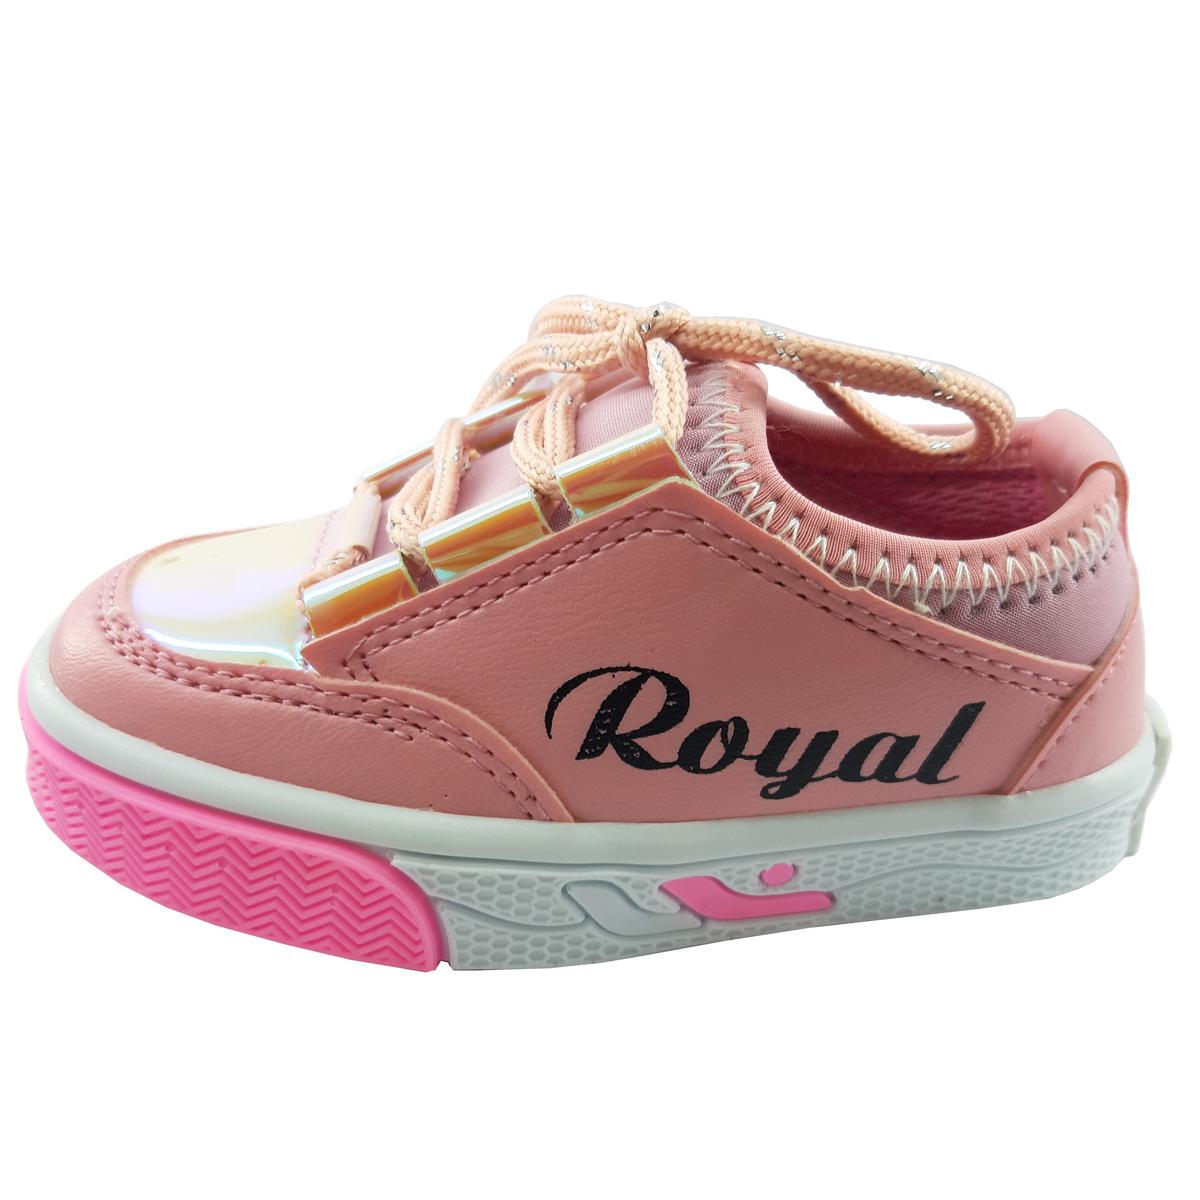 کفش مخصوص پیاده روی دخترانه مدل Royal-01